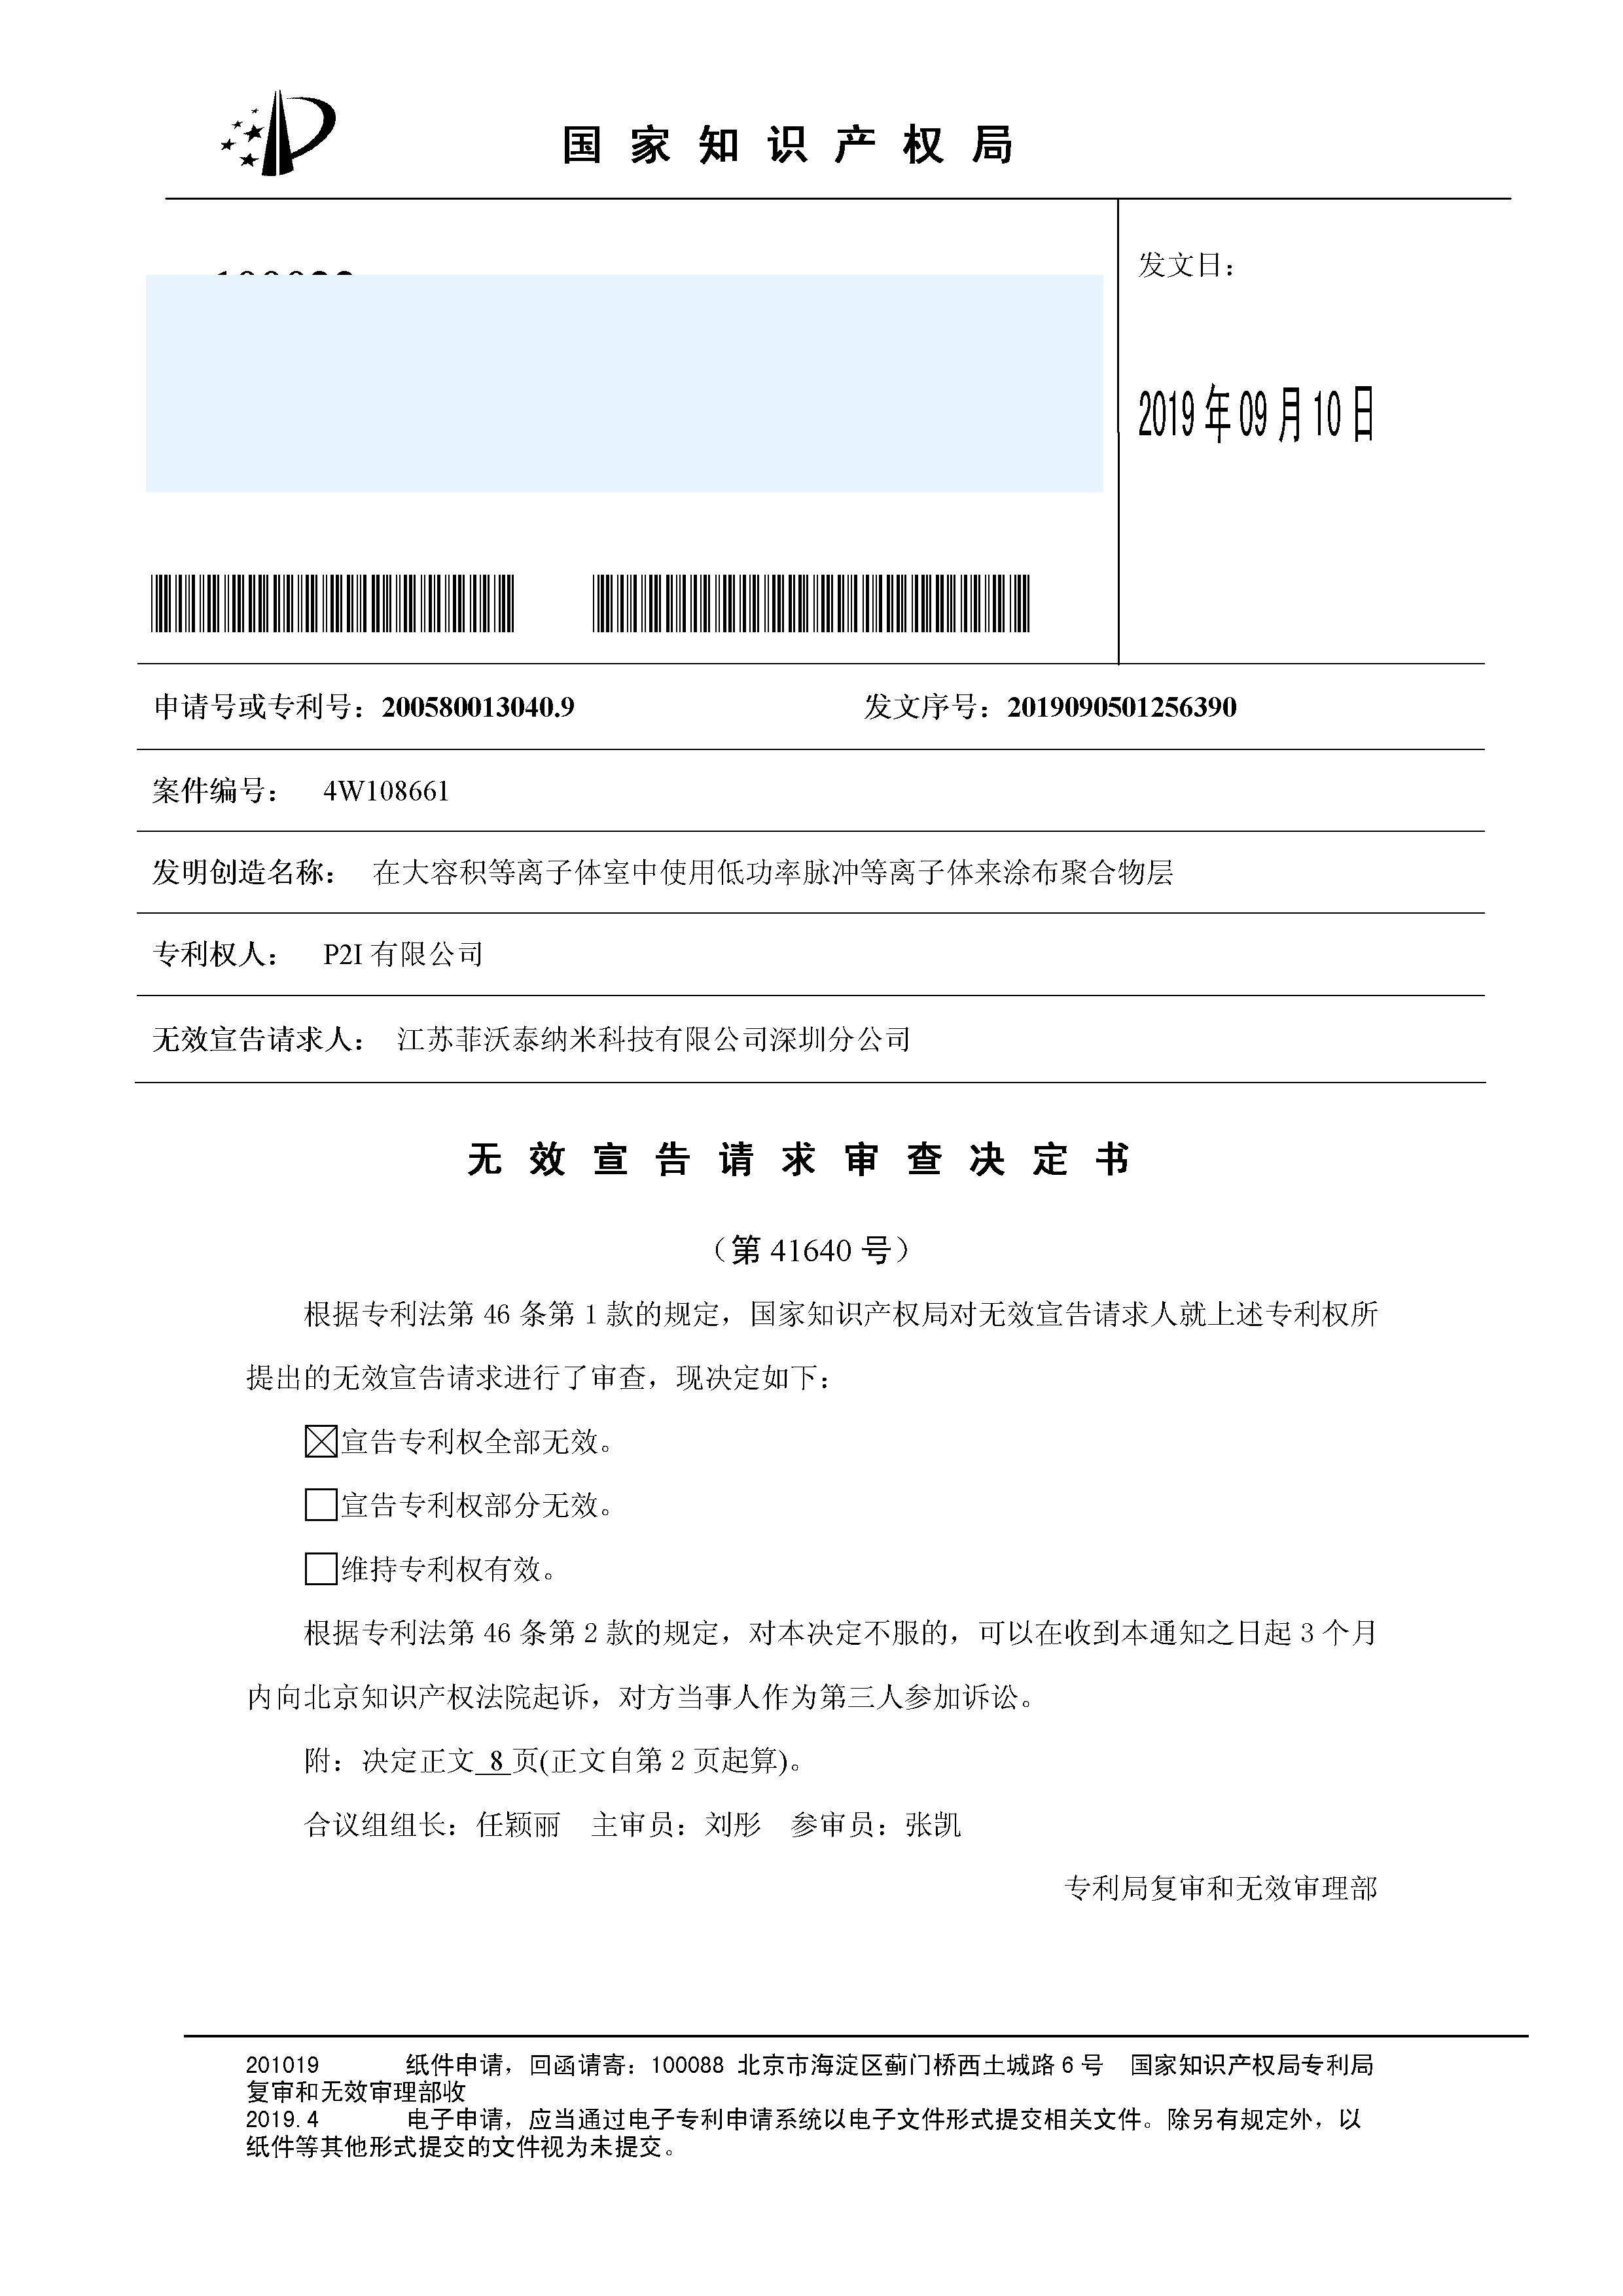 內蒙古P2i服務放心可靠 江蘇菲沃泰納米科技供應